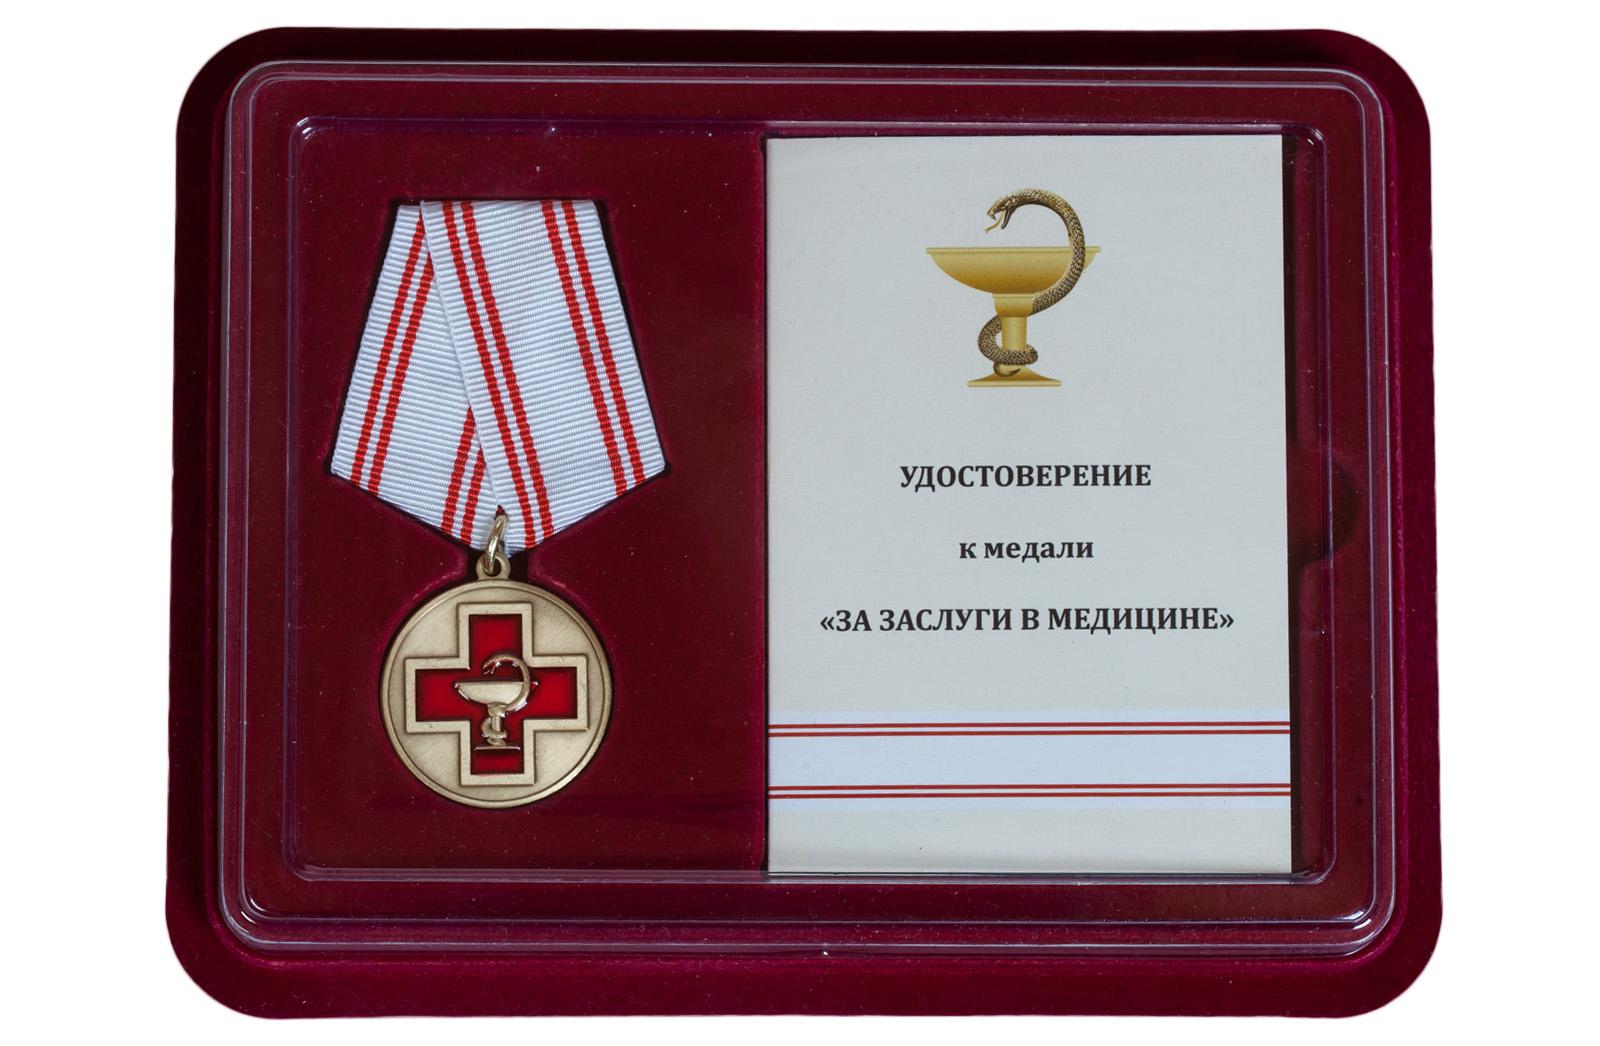 Купить медаль За заслуги в медицине онлайн с доставкой